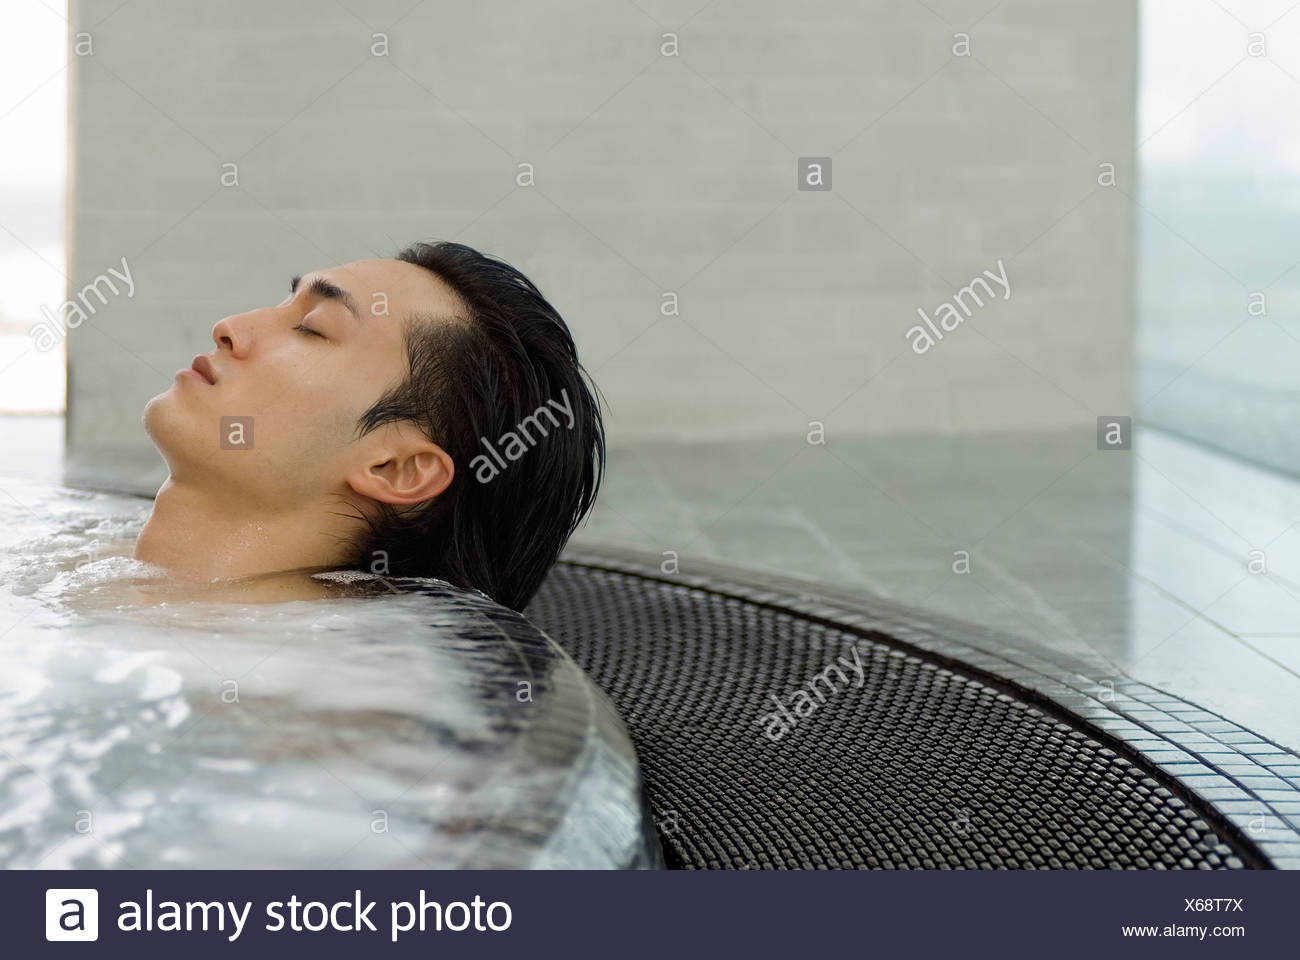 Vasche Da Bagno Nella Jacuzzi : L uomo nella vasca da bagno con idromassaggio foto & immagine stock